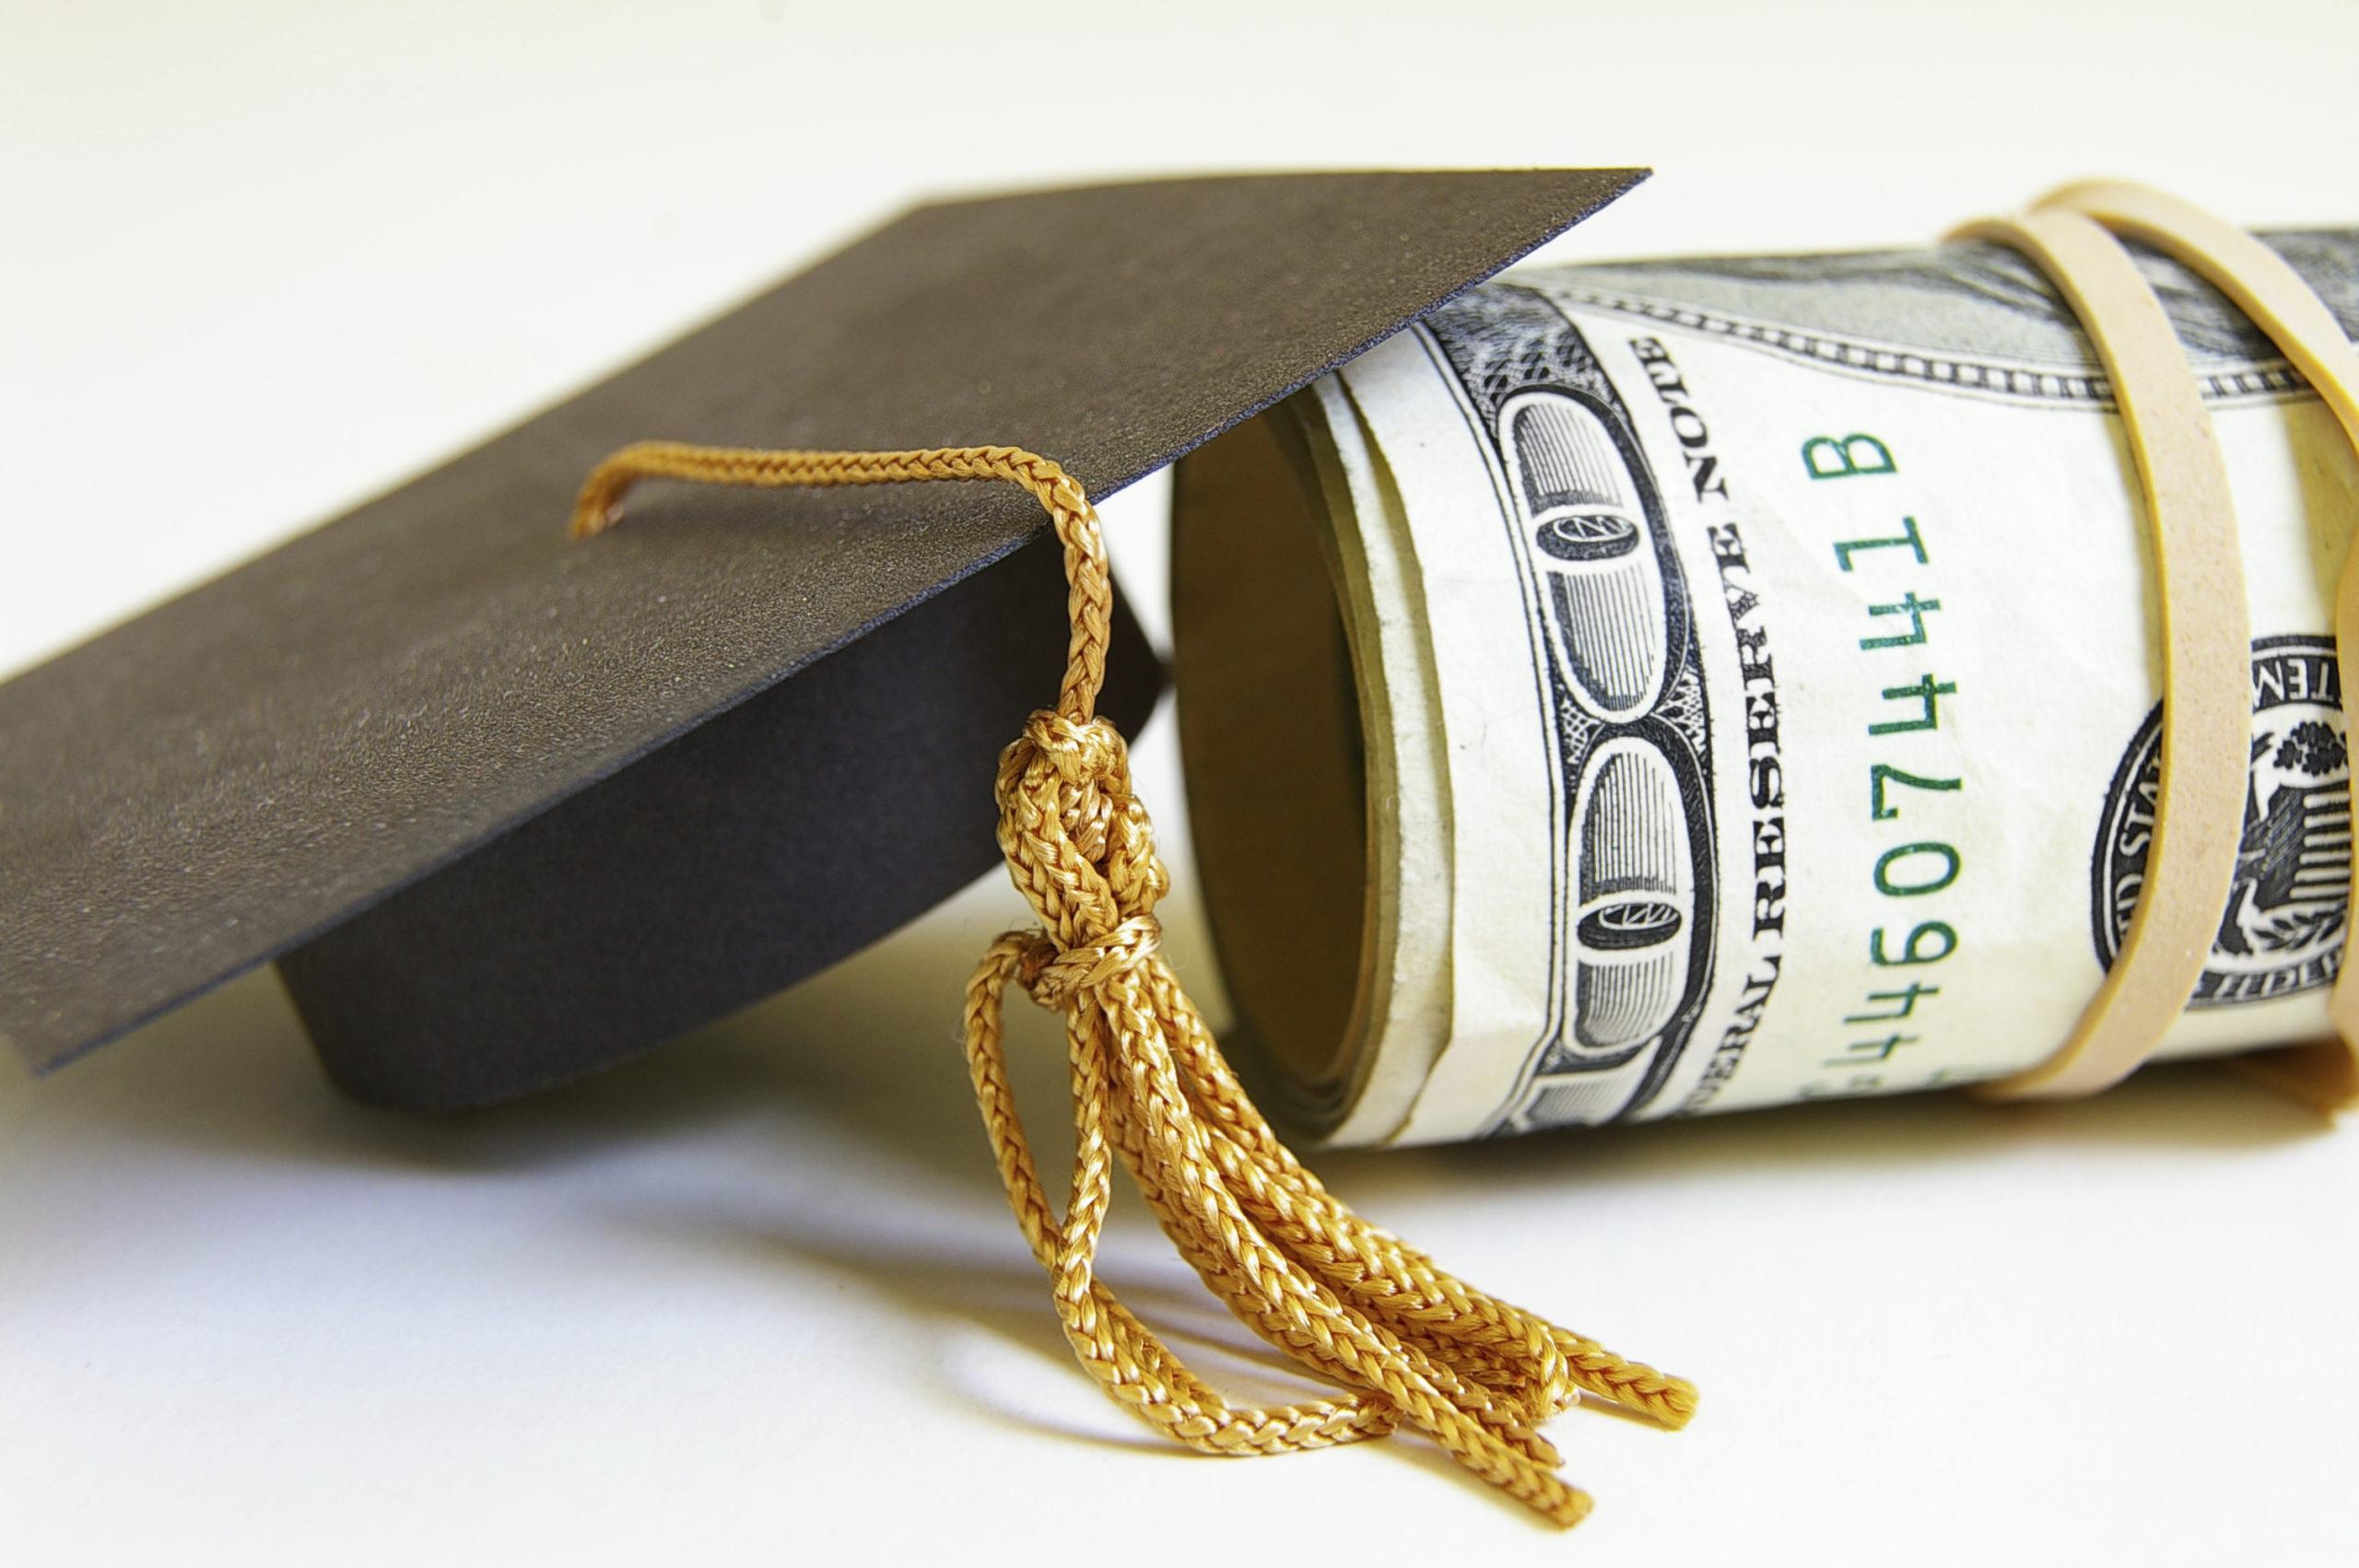 graduation cap and cash roll, closeup